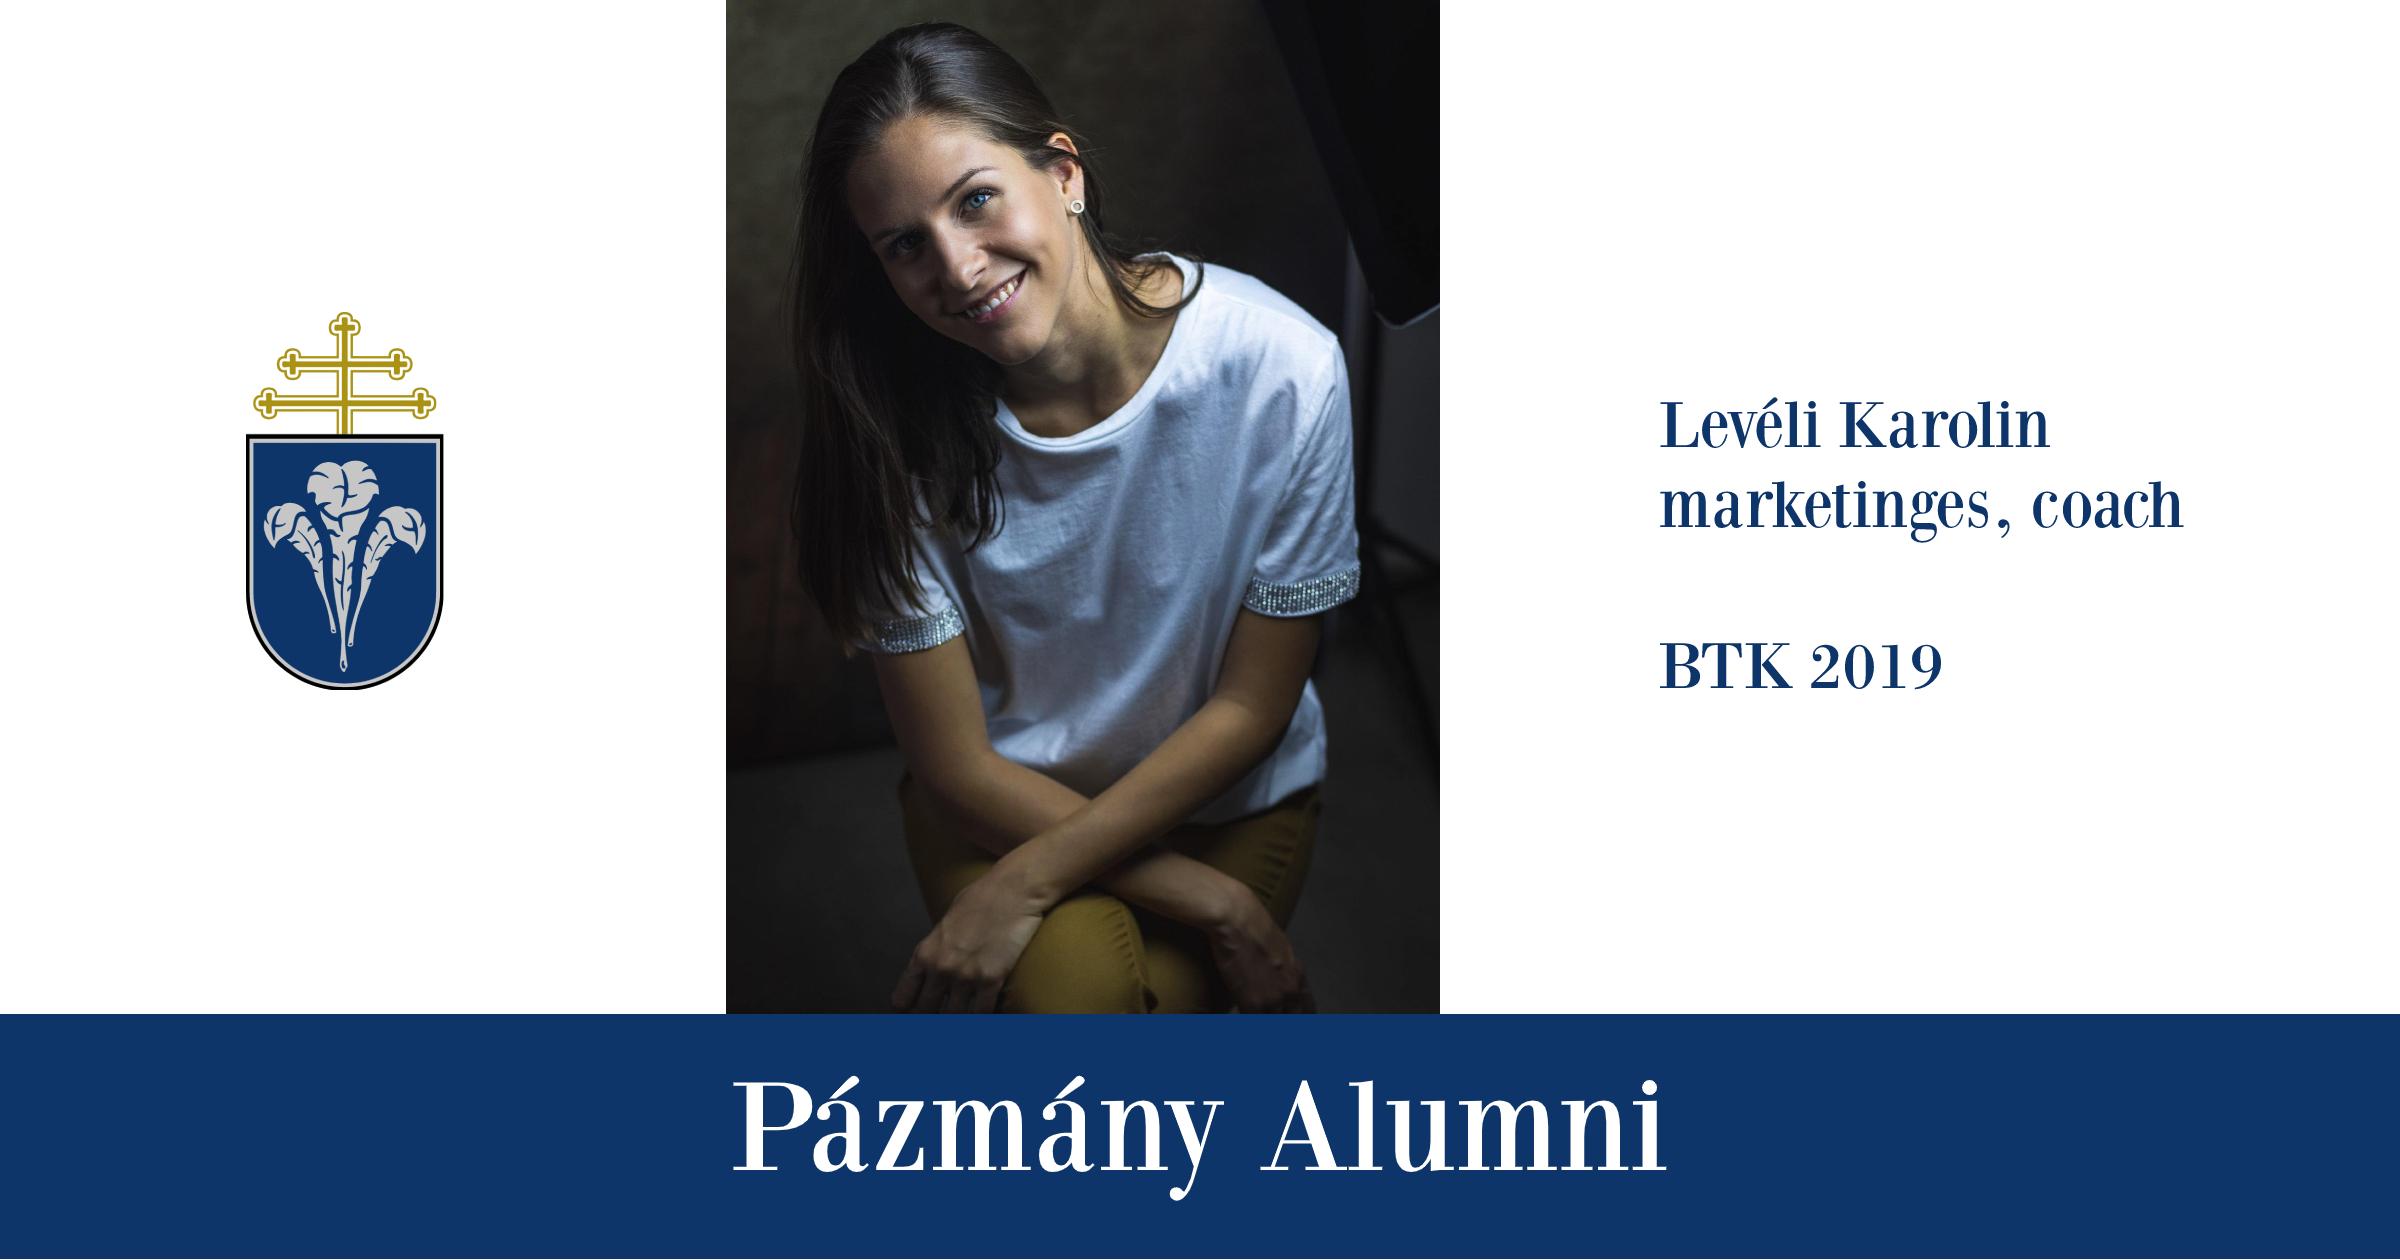 Pázmány Alumni: interjú Levéli Karolinnal, a BTK egykori hallgatójával